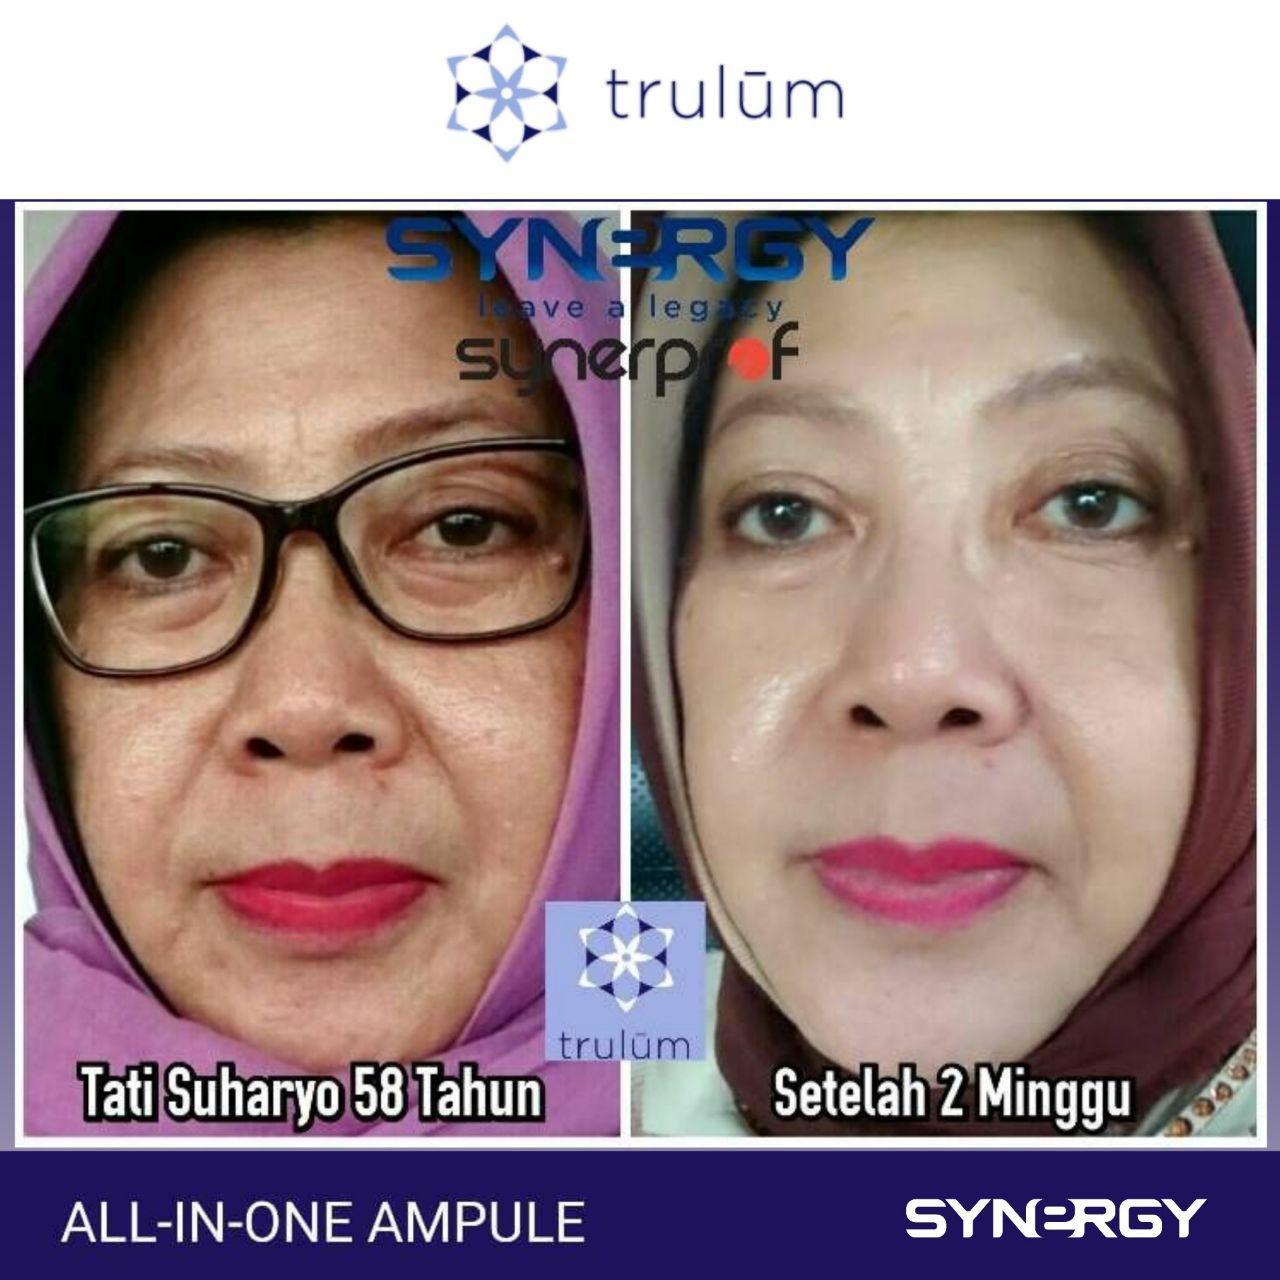 Klinik Kecantikan Trulum Skincare Synergy Di Halongonan, Padang Lawas Utara WA: 08112338376